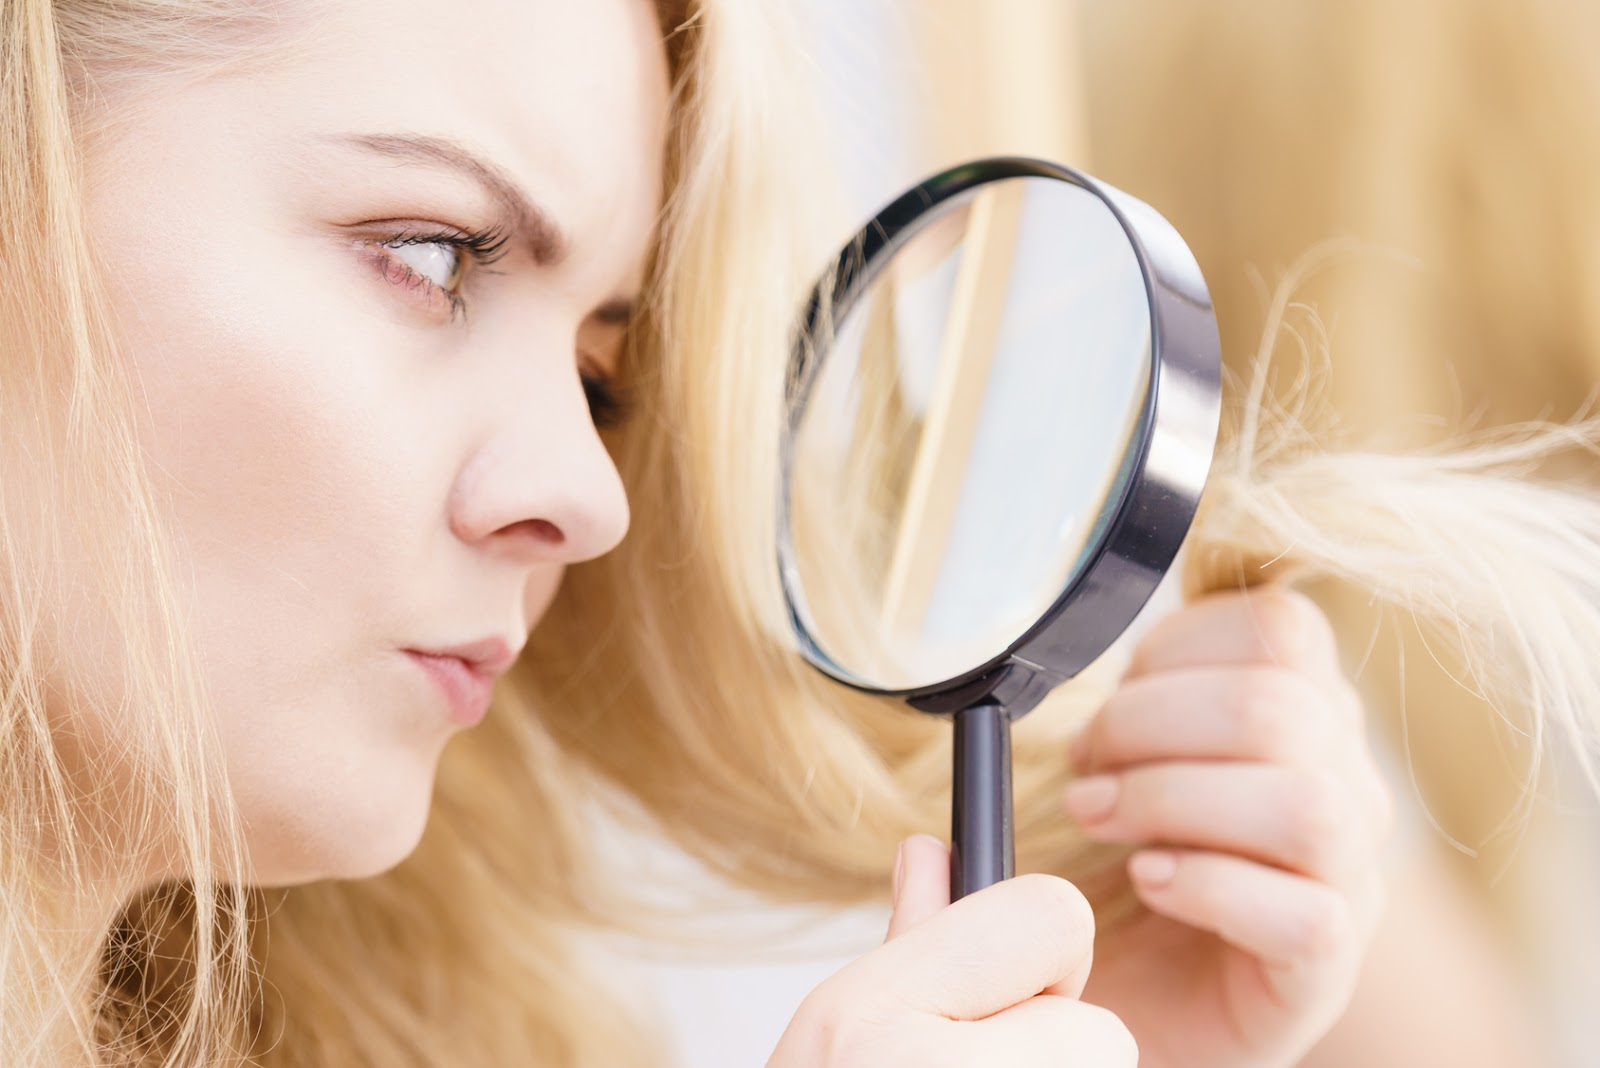 Superpielęgnacja, czyli jak odpowiednio dbać o włosy suche, przetłuszczające się i farbowane?